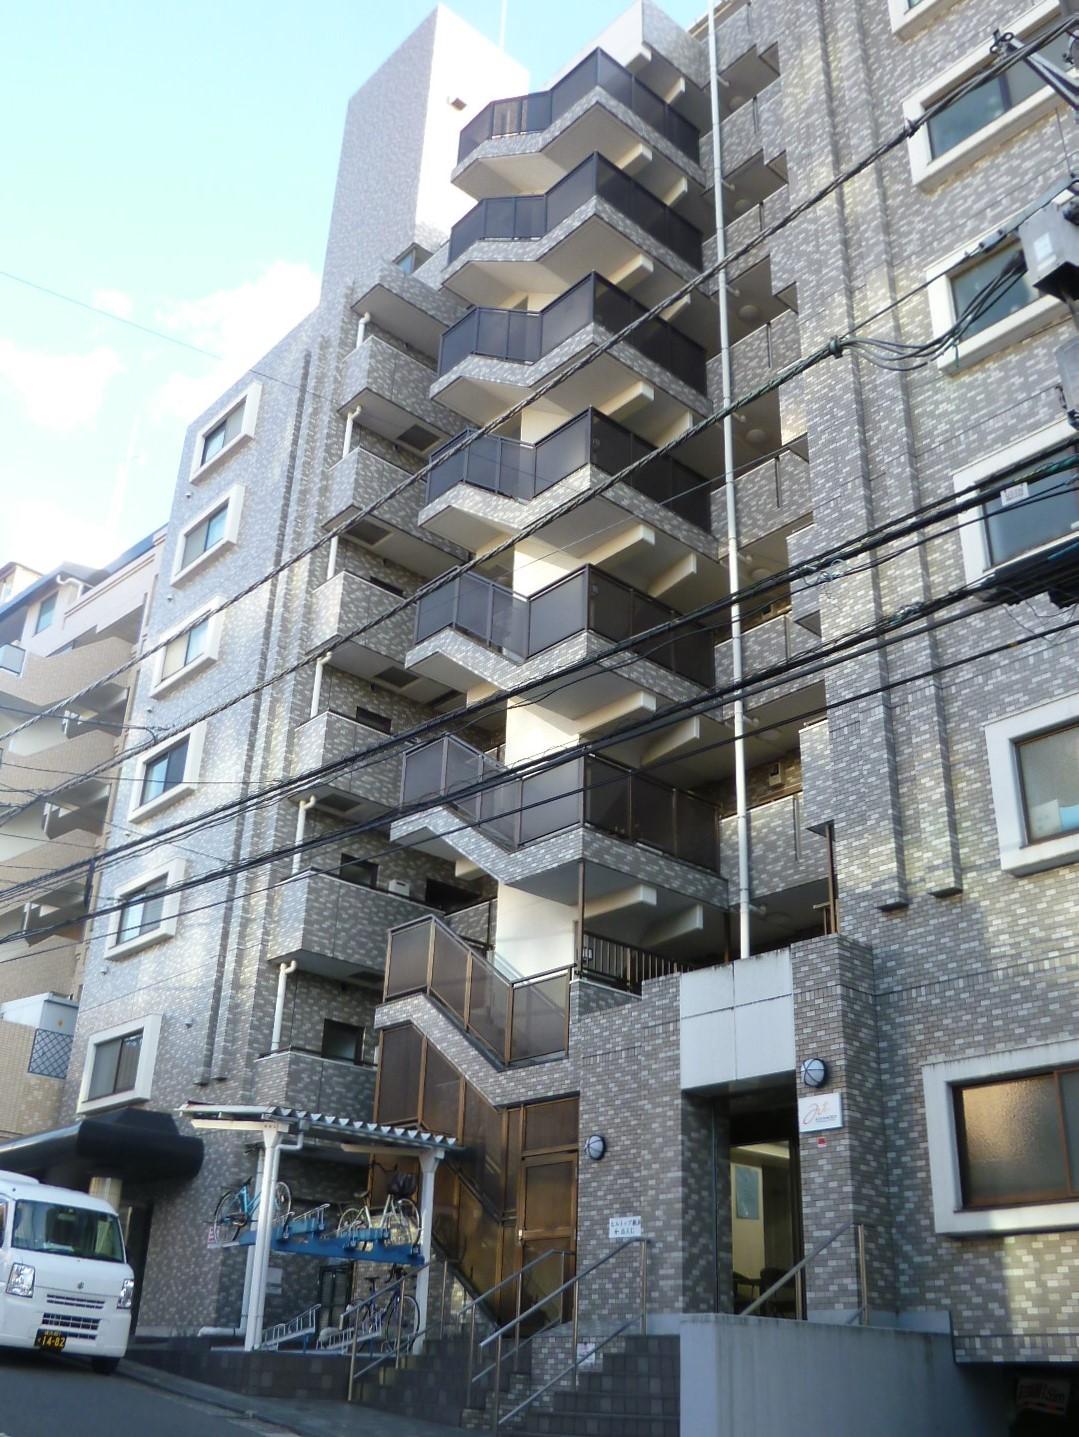 6573東都マンスリー モンテベルデ第5横浜 <br>横浜駅 徒歩10分 <br>オートロック、デジタルテンキーロック完備 <br>2面採光で日当たりも良好!!